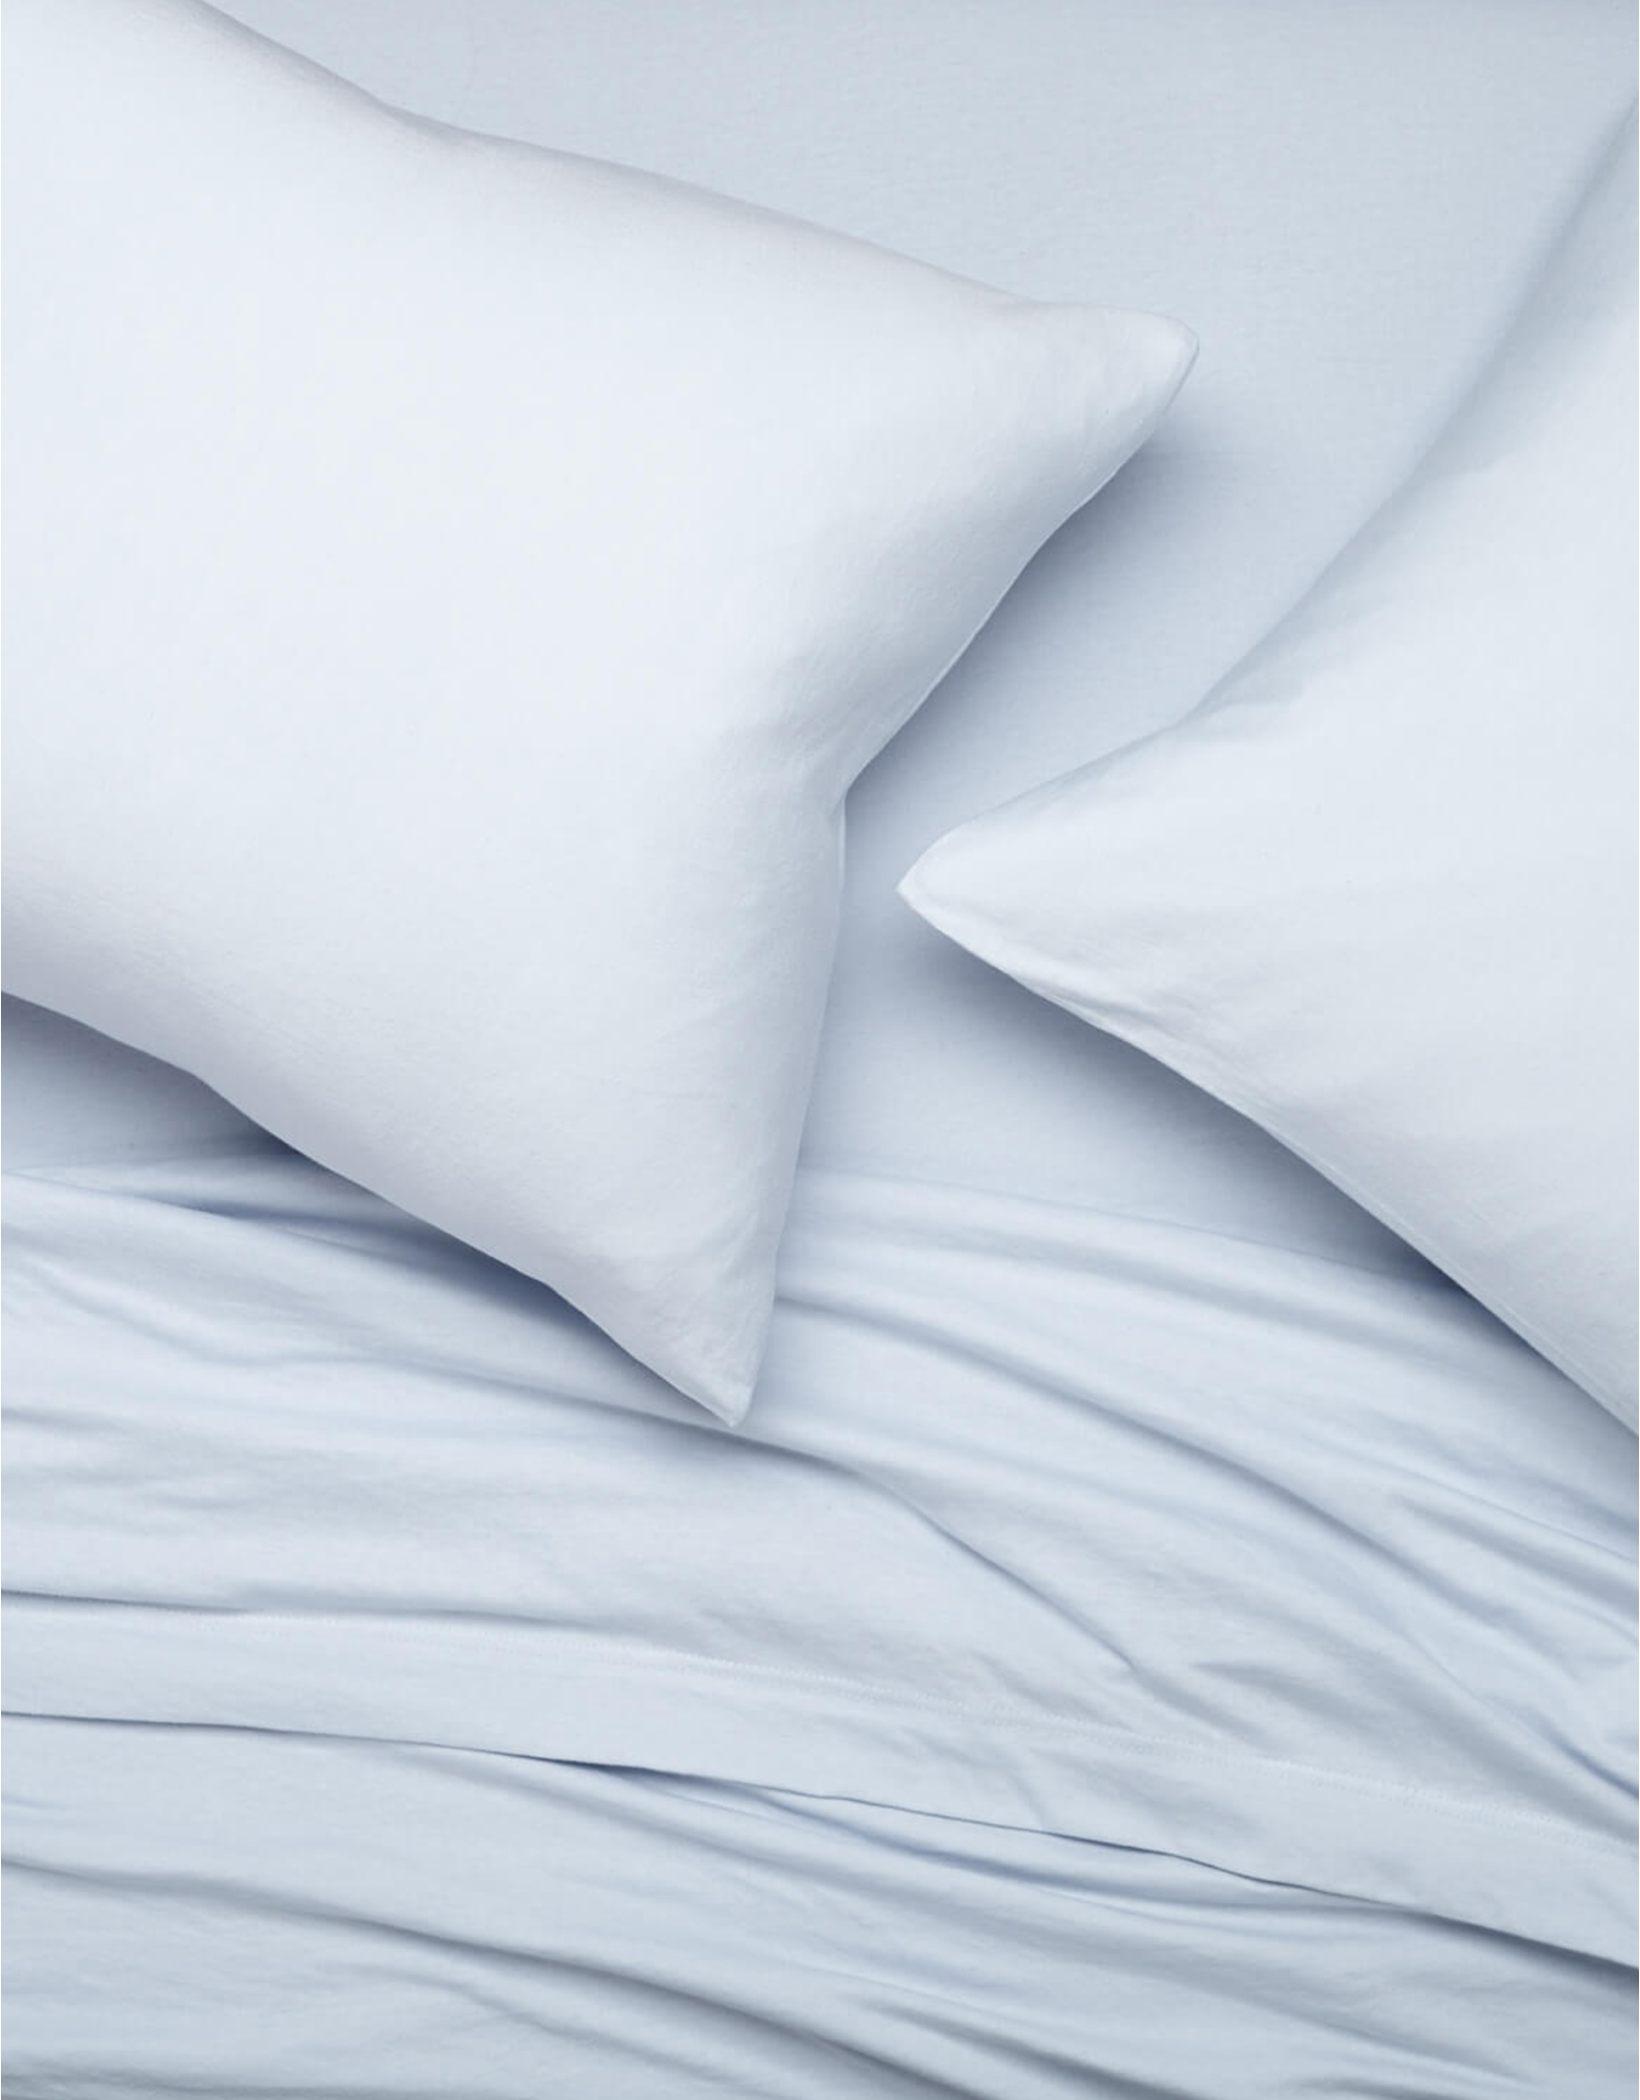 Dormify Super Soft T-Shirt Jersey Full Sheet Set